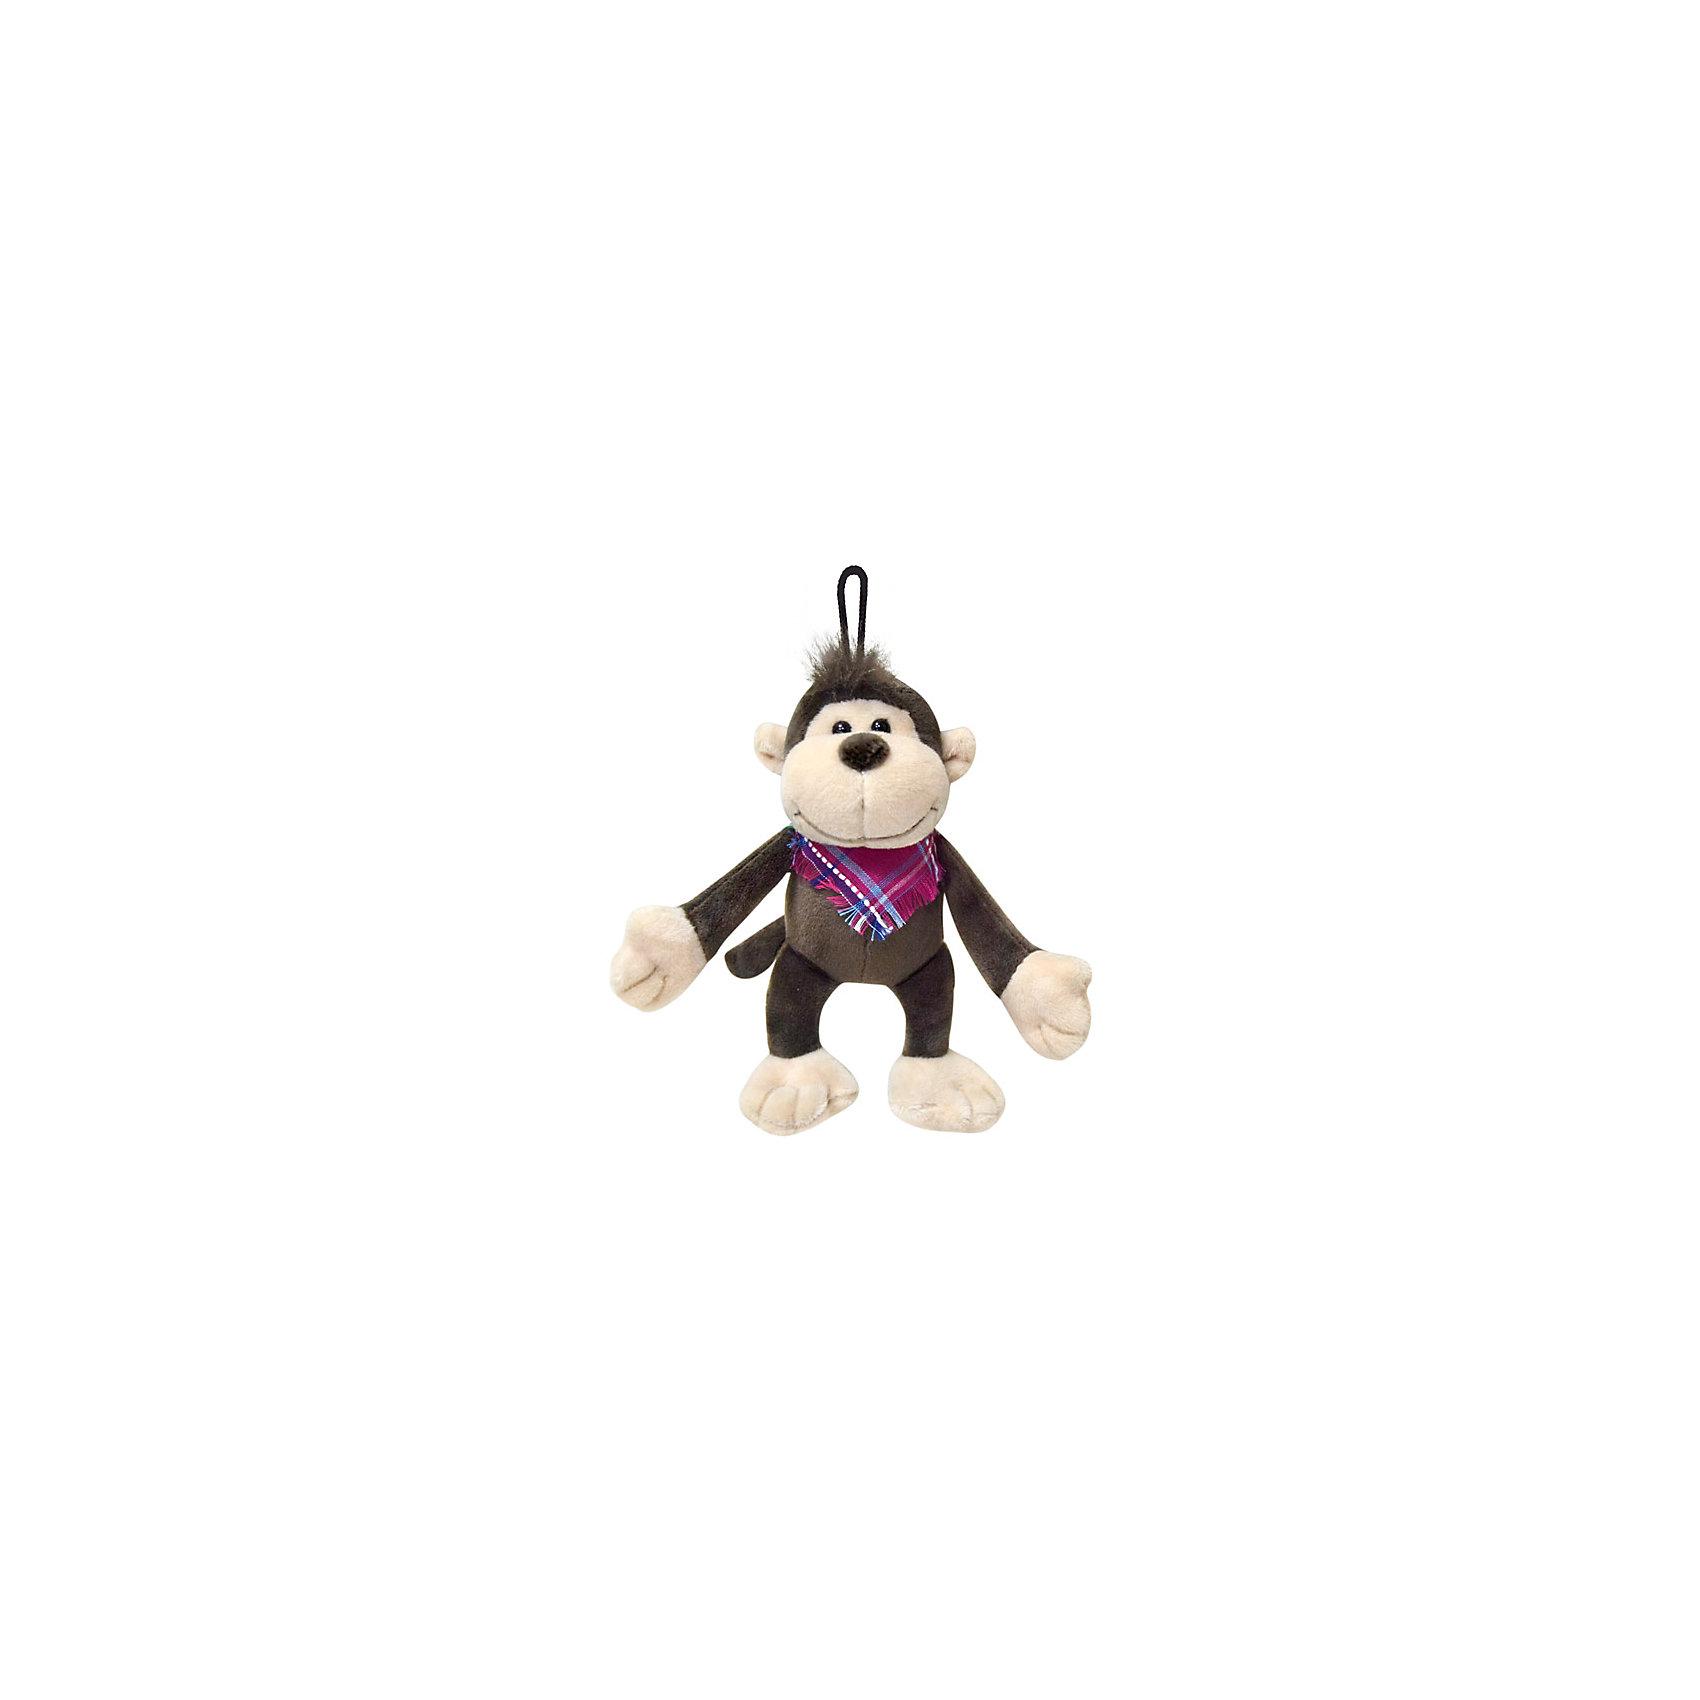 Мартышка Джейк, 10 см., LAVAДжейк - озорная мартышка! За петельку, расположенную на голове, ее можно подвесить к детской кроватке, манежу, коляске. Игрушка выполнена из высококачественных материалов, очень приятна на ощупь, безопасна для детей. Прекрасный подарок на любой праздник.<br><br>Дополнительная информация:<br><br>- Материал: искусственный мех, текстиль, синтепон, пластик.<br>- Размер: 10 см. <br>- Элемент питания: батарейка (в комплекте).<br><br>Мартышку Джейка, 10 см., LAVA (ЛАВА), можно купить в нашем магазине.<br><br>Ширина мм: 150<br>Глубина мм: 150<br>Высота мм: 100<br>Вес г: 40<br>Возраст от месяцев: 36<br>Возраст до месяцев: 1188<br>Пол: Унисекс<br>Возраст: Детский<br>SKU: 4444140